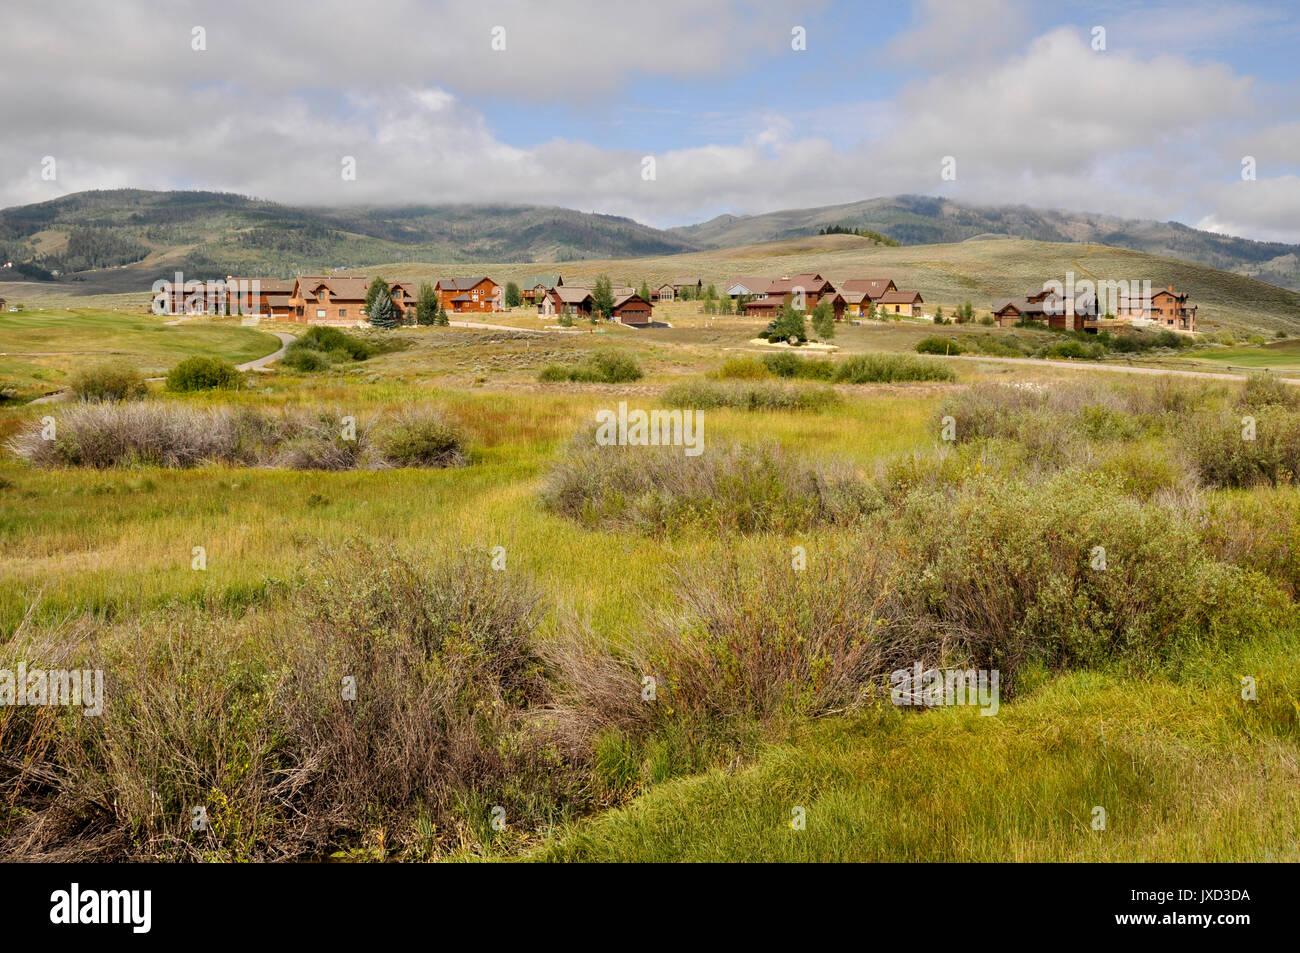 Typische Holz Häuser in der Nähe von einem Golfplatz in Granby, Colorado. Die Wohnungen sind im Rocky Mountain zu bewahren. Stockbild